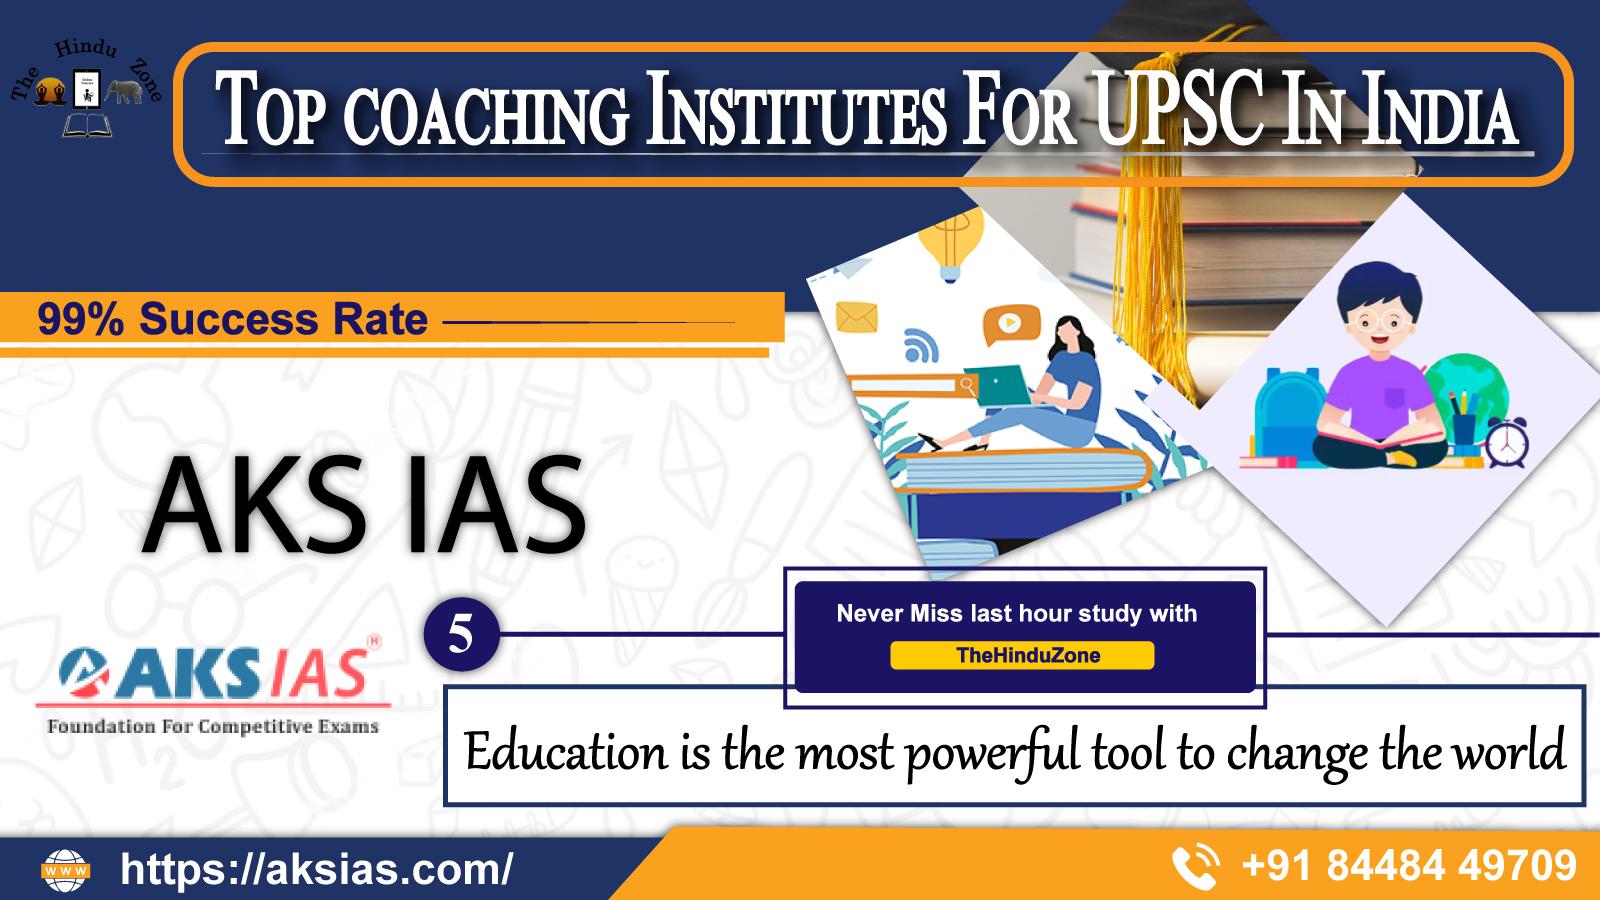 AKS IAS Coaching Institute In India